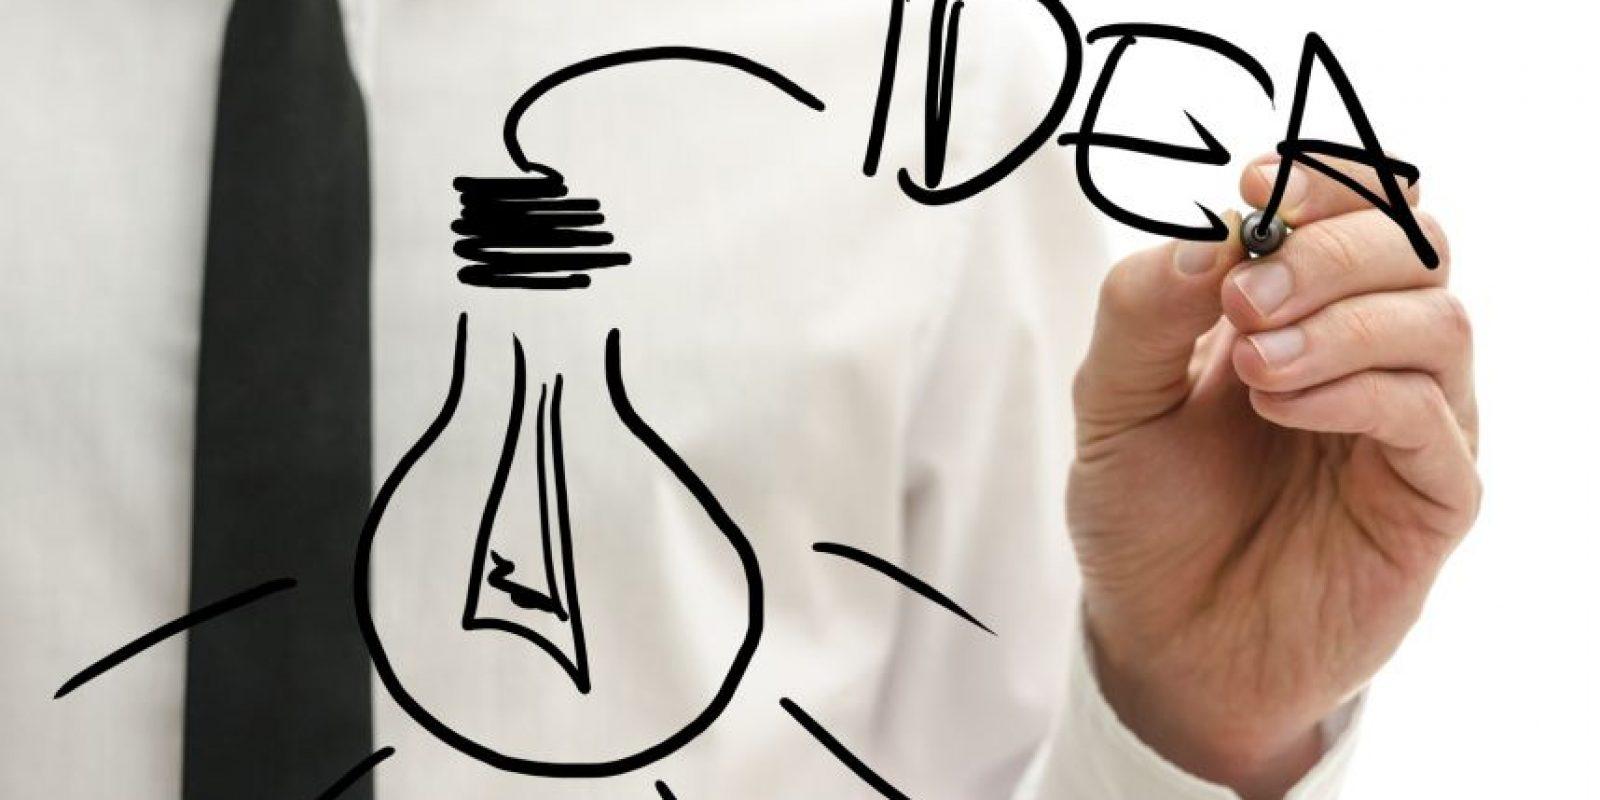 Día 26: Por la propiedad intelectual. Cada día son más importantes las marcas, patentes, derechos de autor y temas de autoría, por ello cada 26 de abril la Organización Mundial de la Propiedad Intelectual (WIPO) promueve activamente la celebración de esta fecha. Foto:Fuente externa